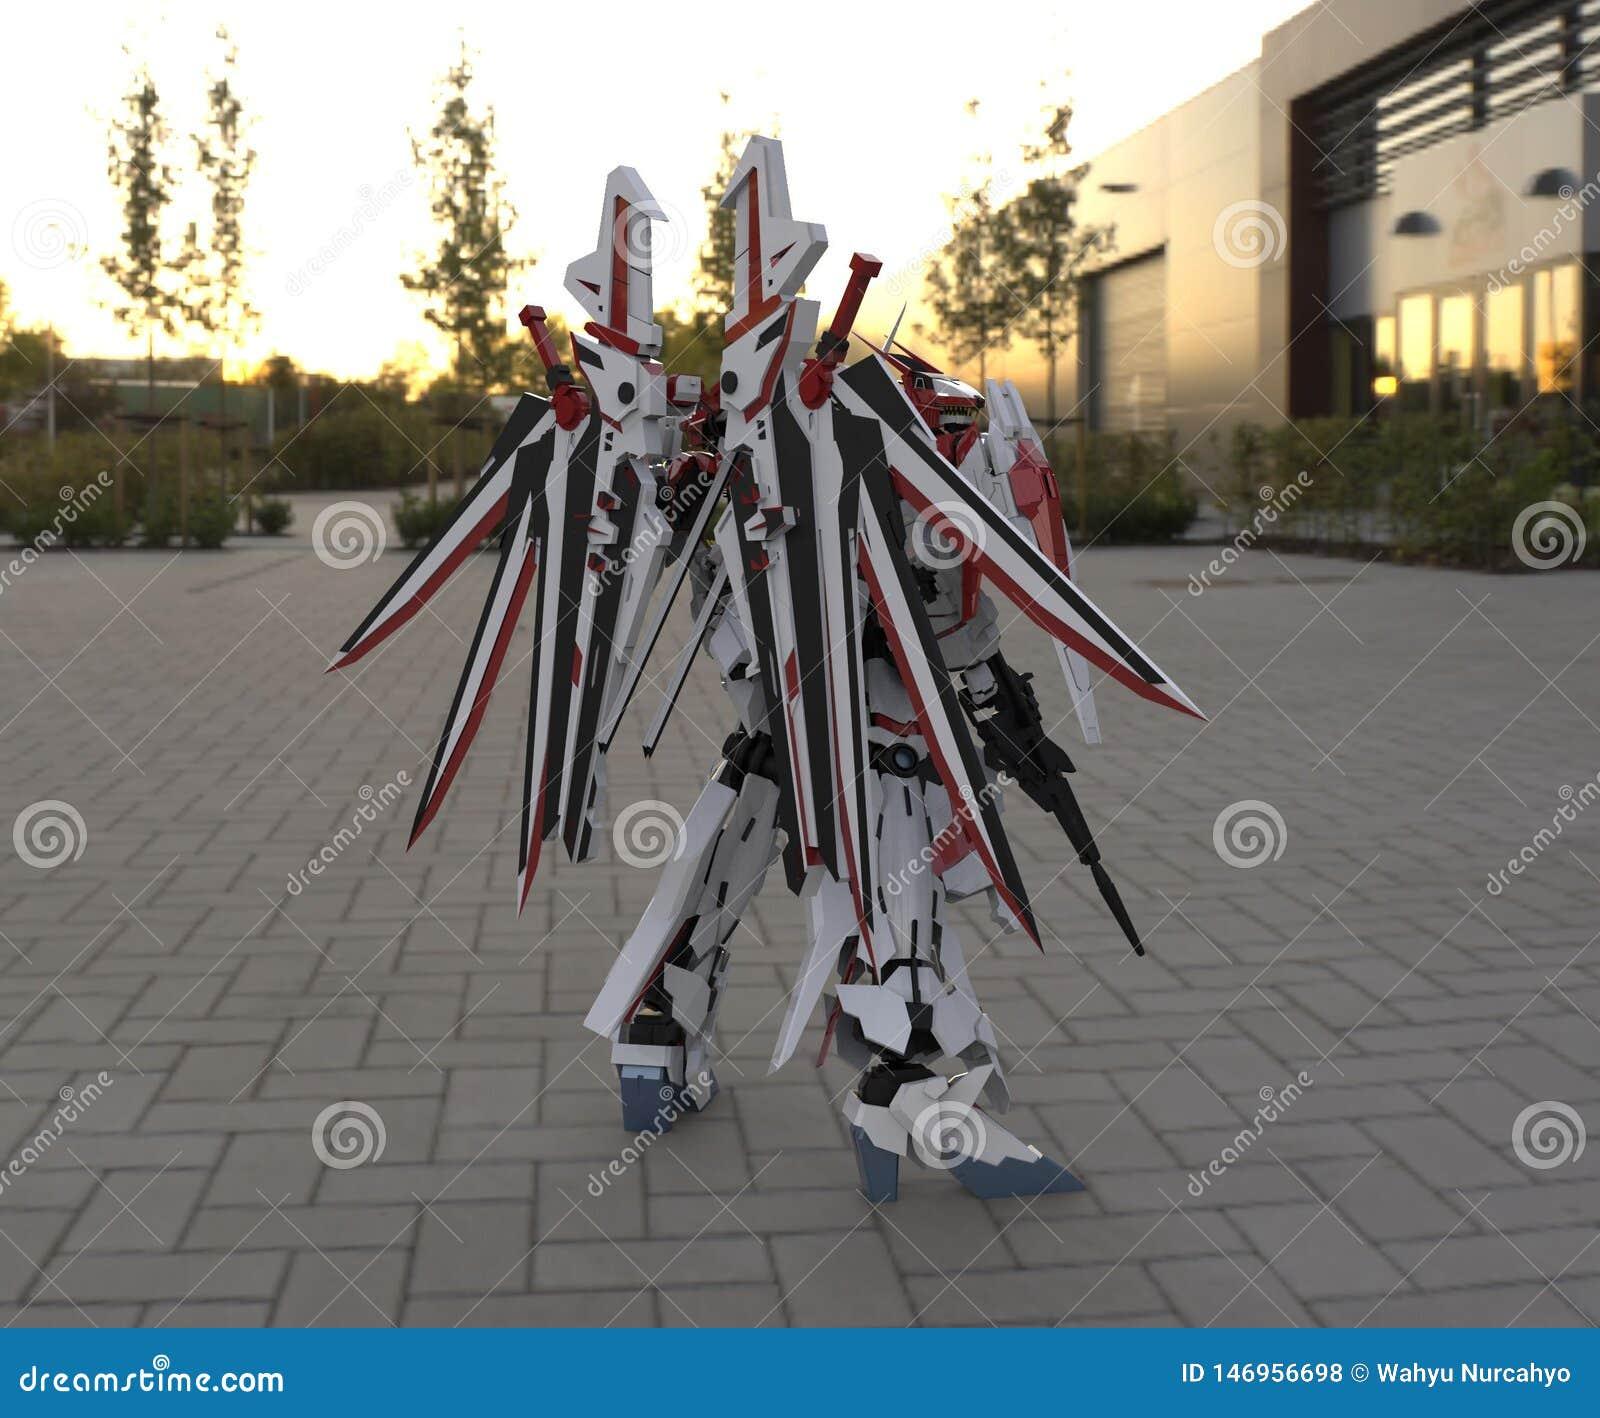 Mech militair sc.i-FI die zich op een landschapsachtergrond bevinden Militaire futuristische robot met een groen en grijs kleuren